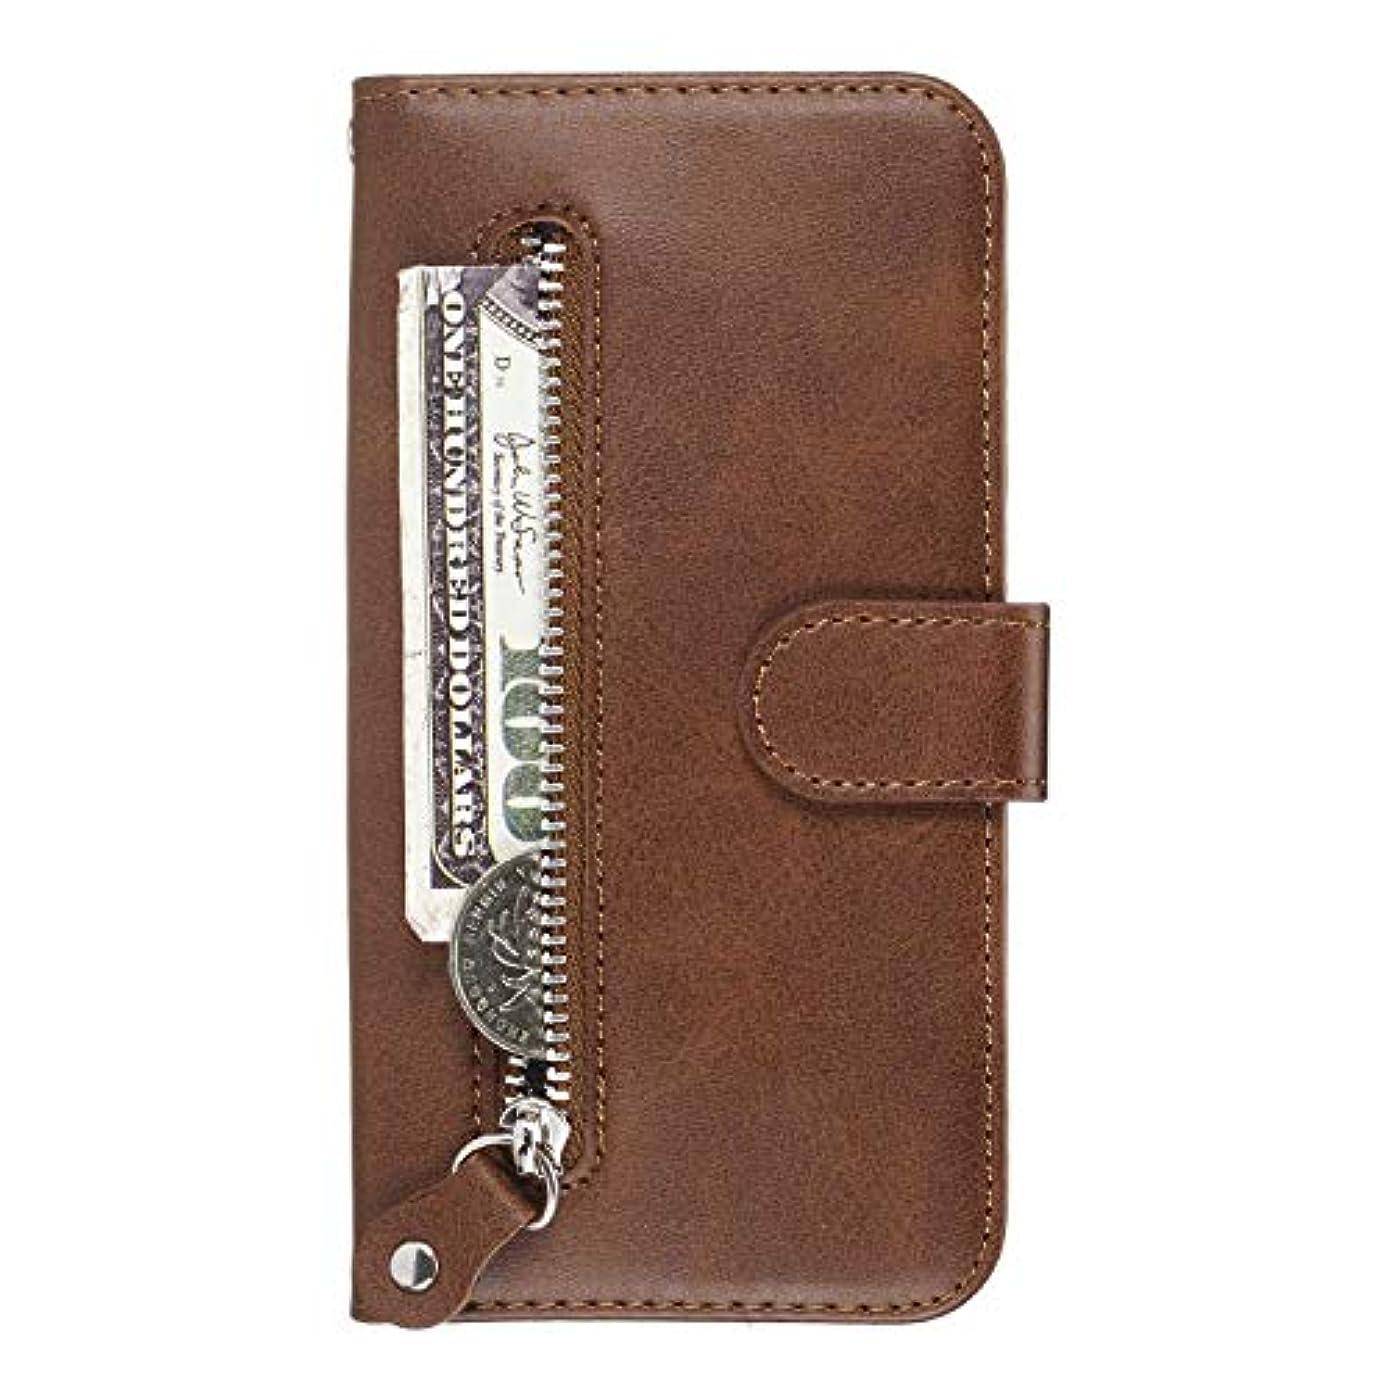 クリエイティブダッシュ脊椎OMATENTI Galaxy M20 ケース, 軽量 PUレザー 薄型 簡約風 人気カバー バックケース Galaxy M20 用 Case Cover, 液晶保護 カード収納, 財布とコインポケット付き, 褐色